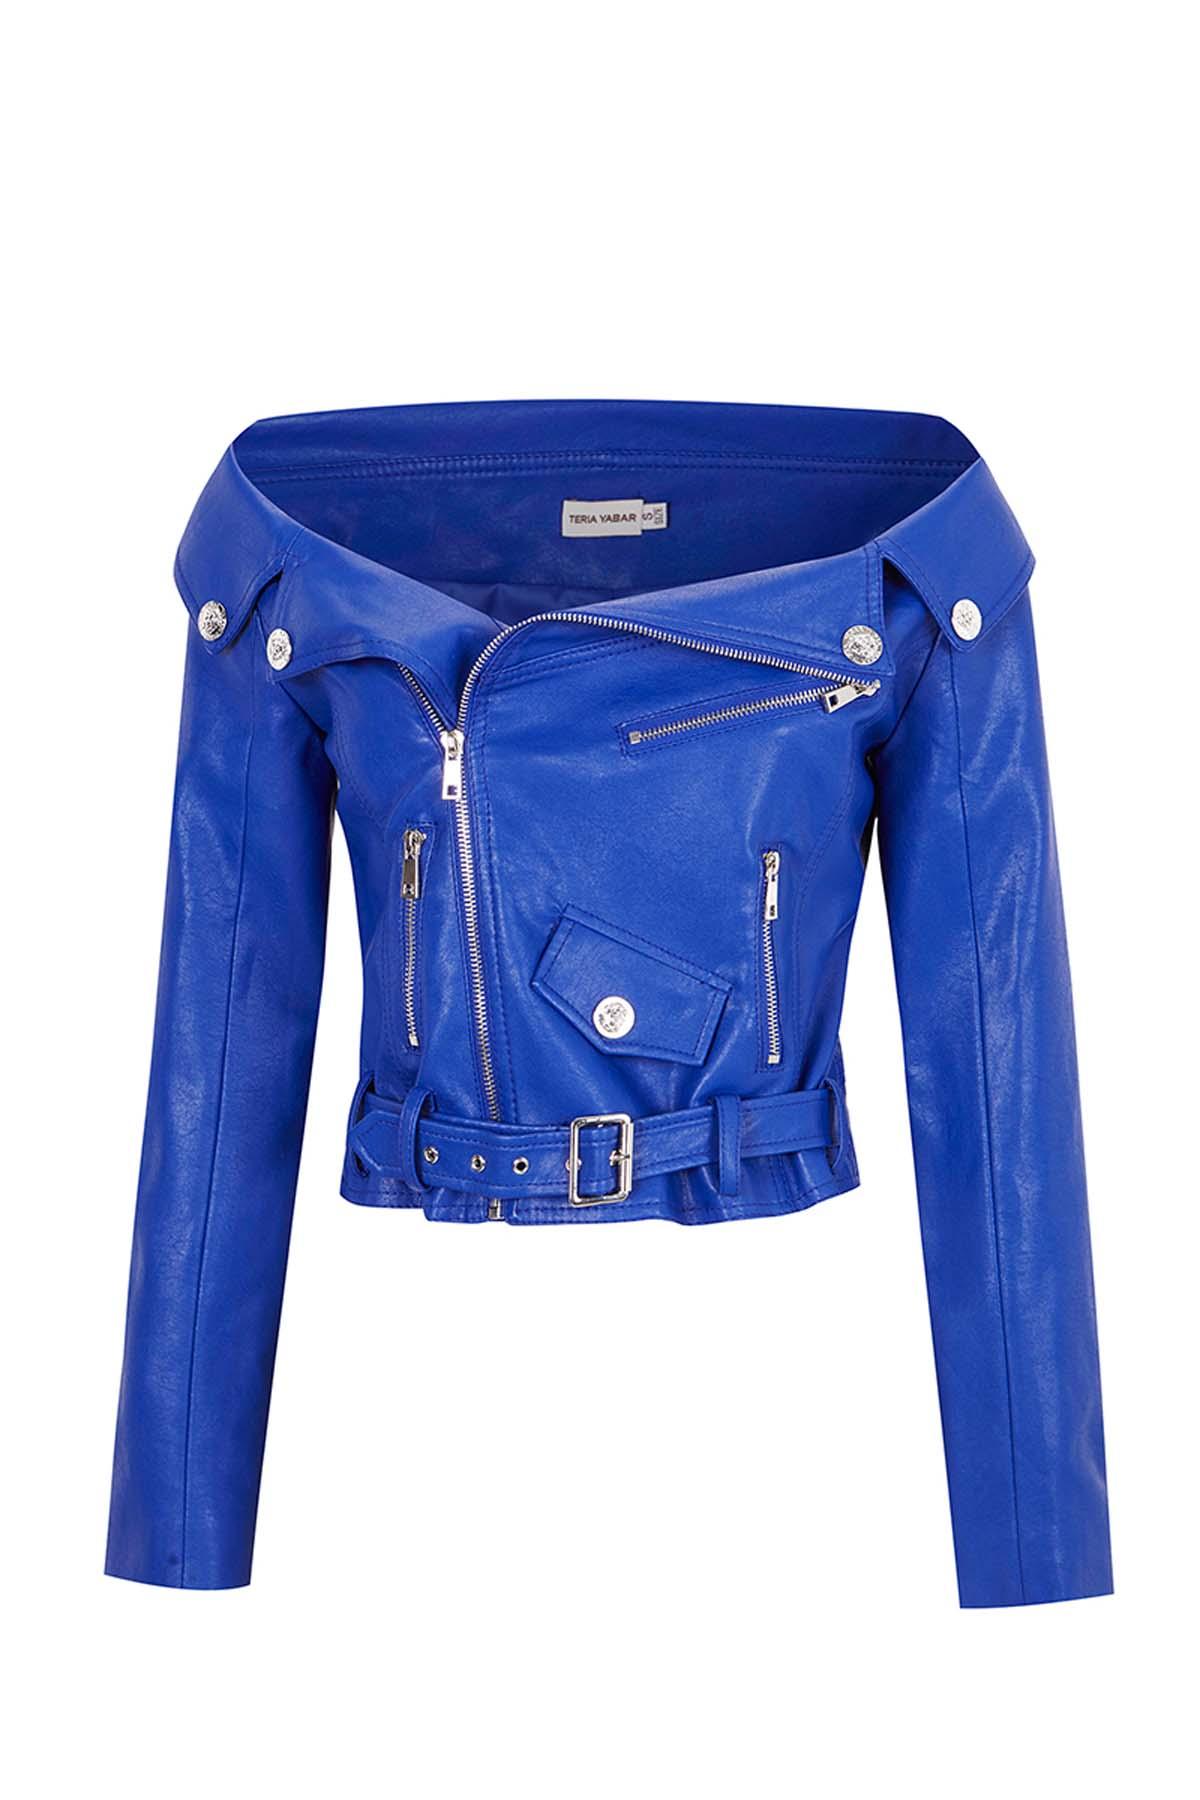 Teria Yabar - Biker azul